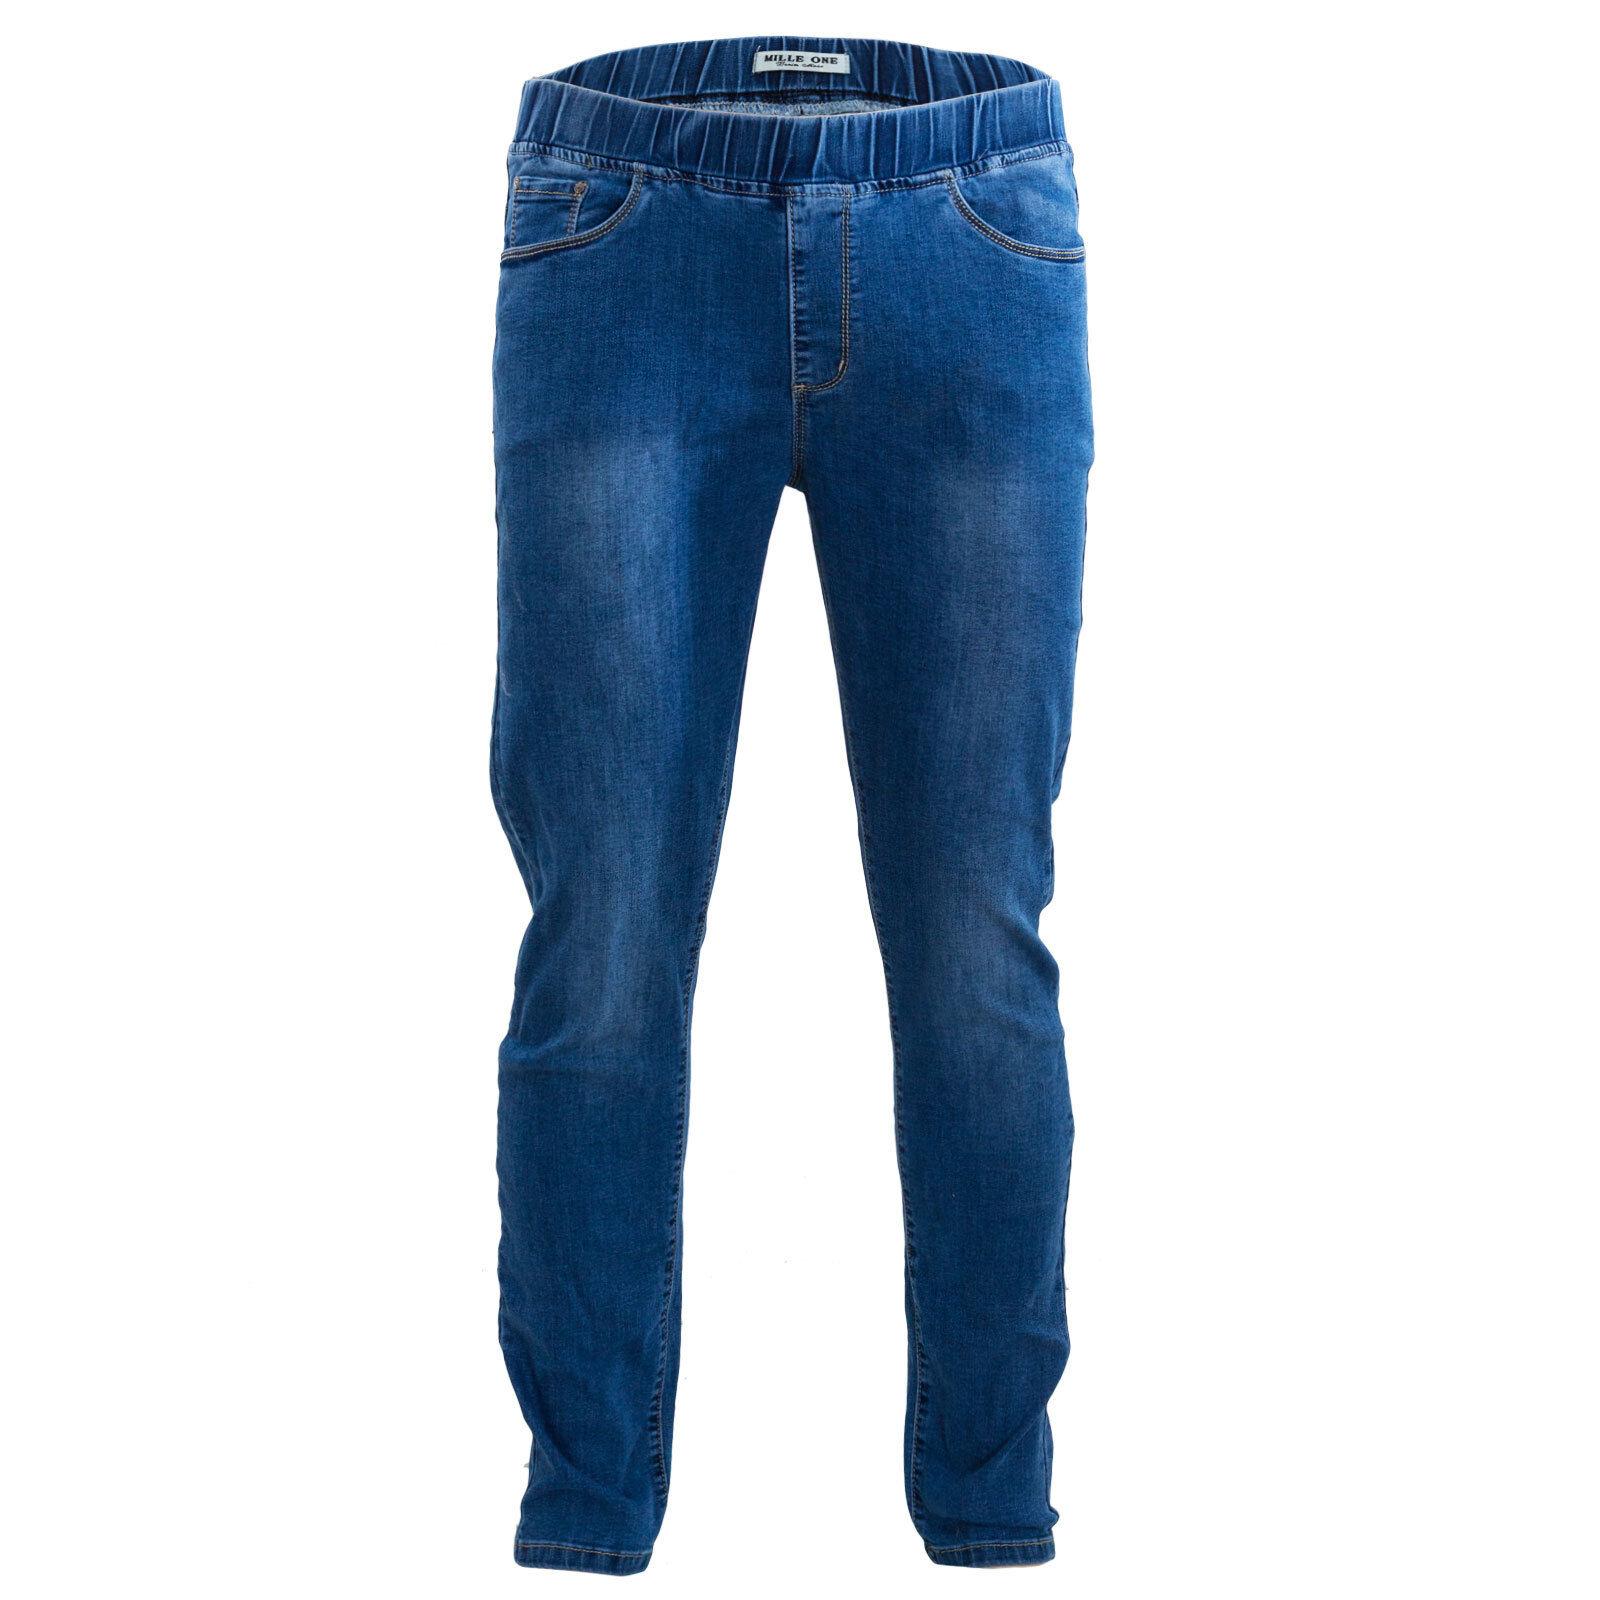 Uomo Slim Jeans Aderenti Classico Casual Regular Fit Denim Nero Indaco Blu Medio